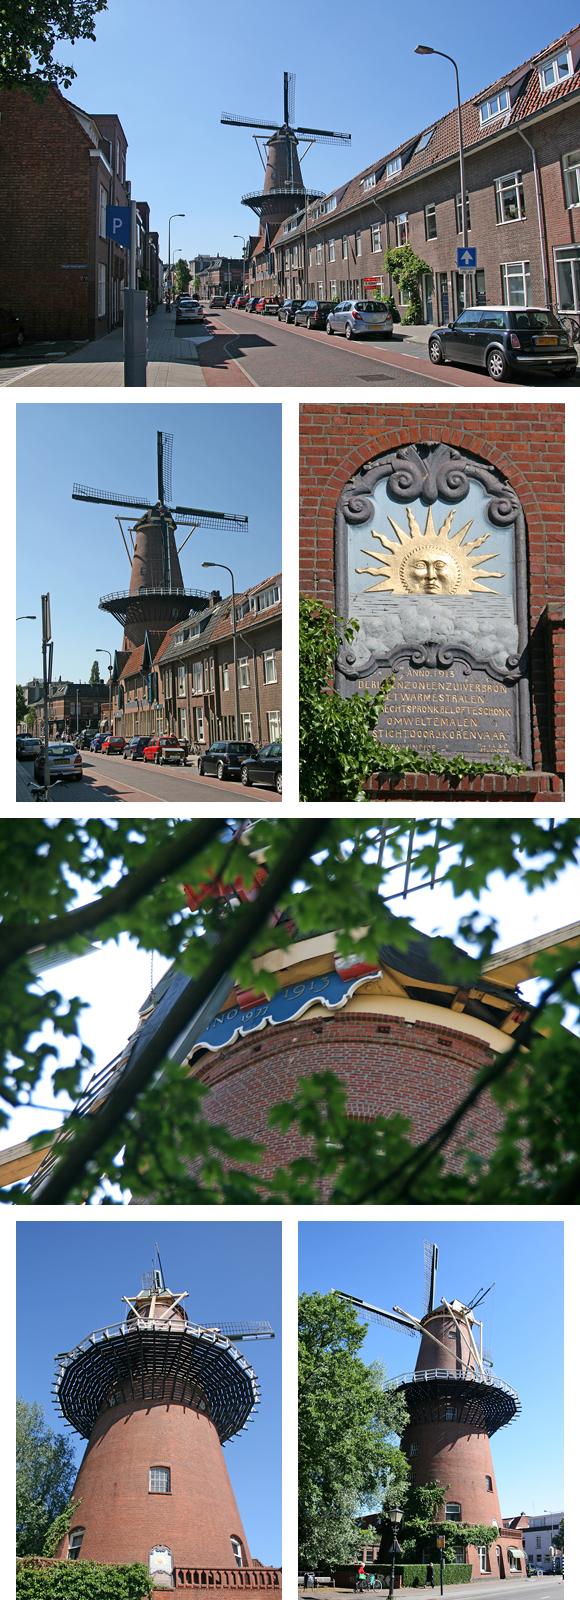 Rijn en Zon, Utrecht, Foto's  Ton Koorevaar (3-6-2010).